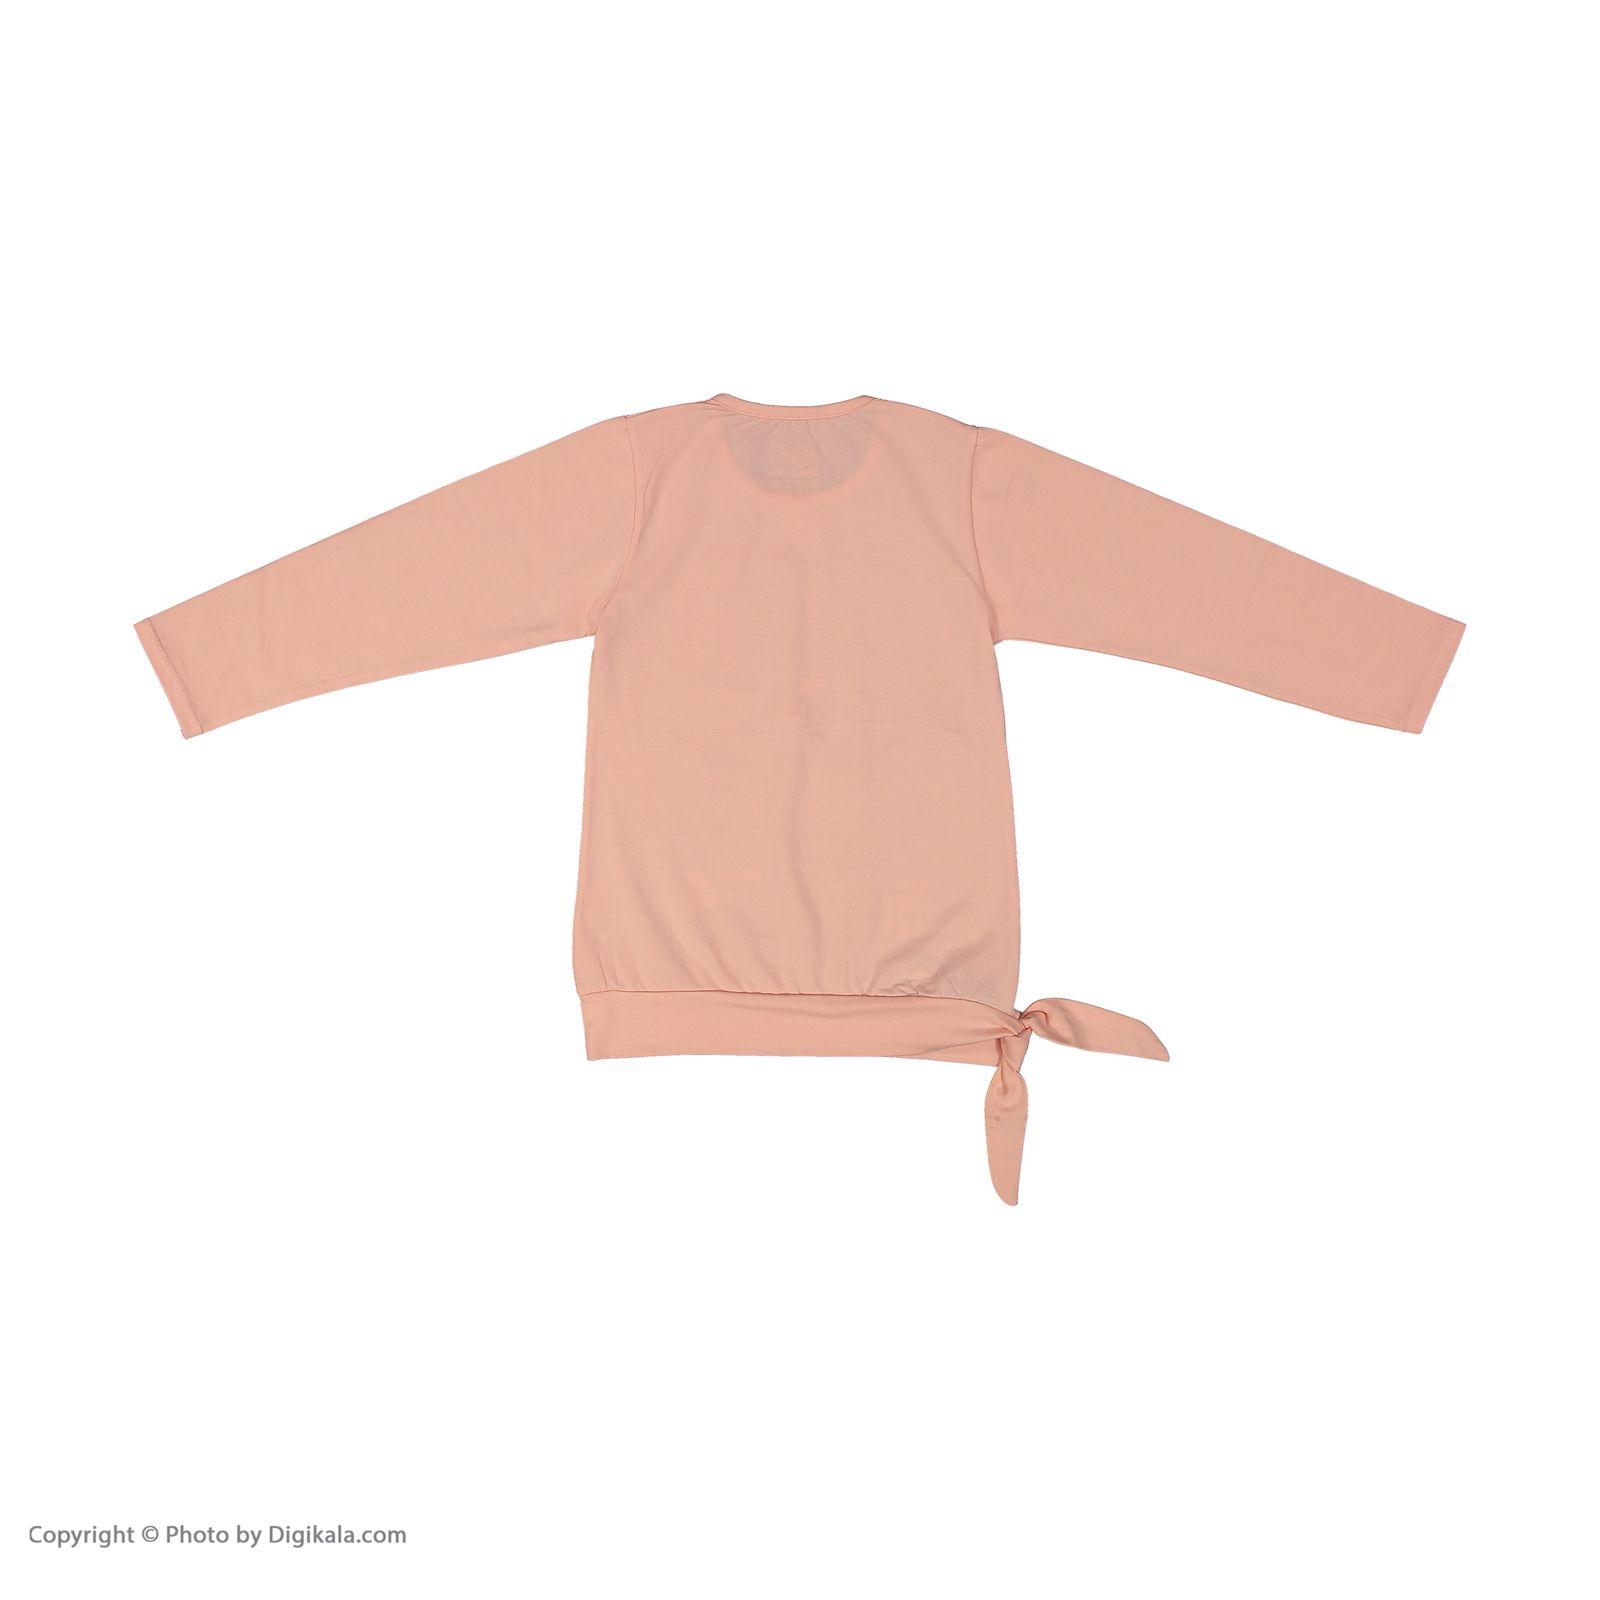 تی شرت دخترانه سون پون مدل 1391358-84 -  - 4